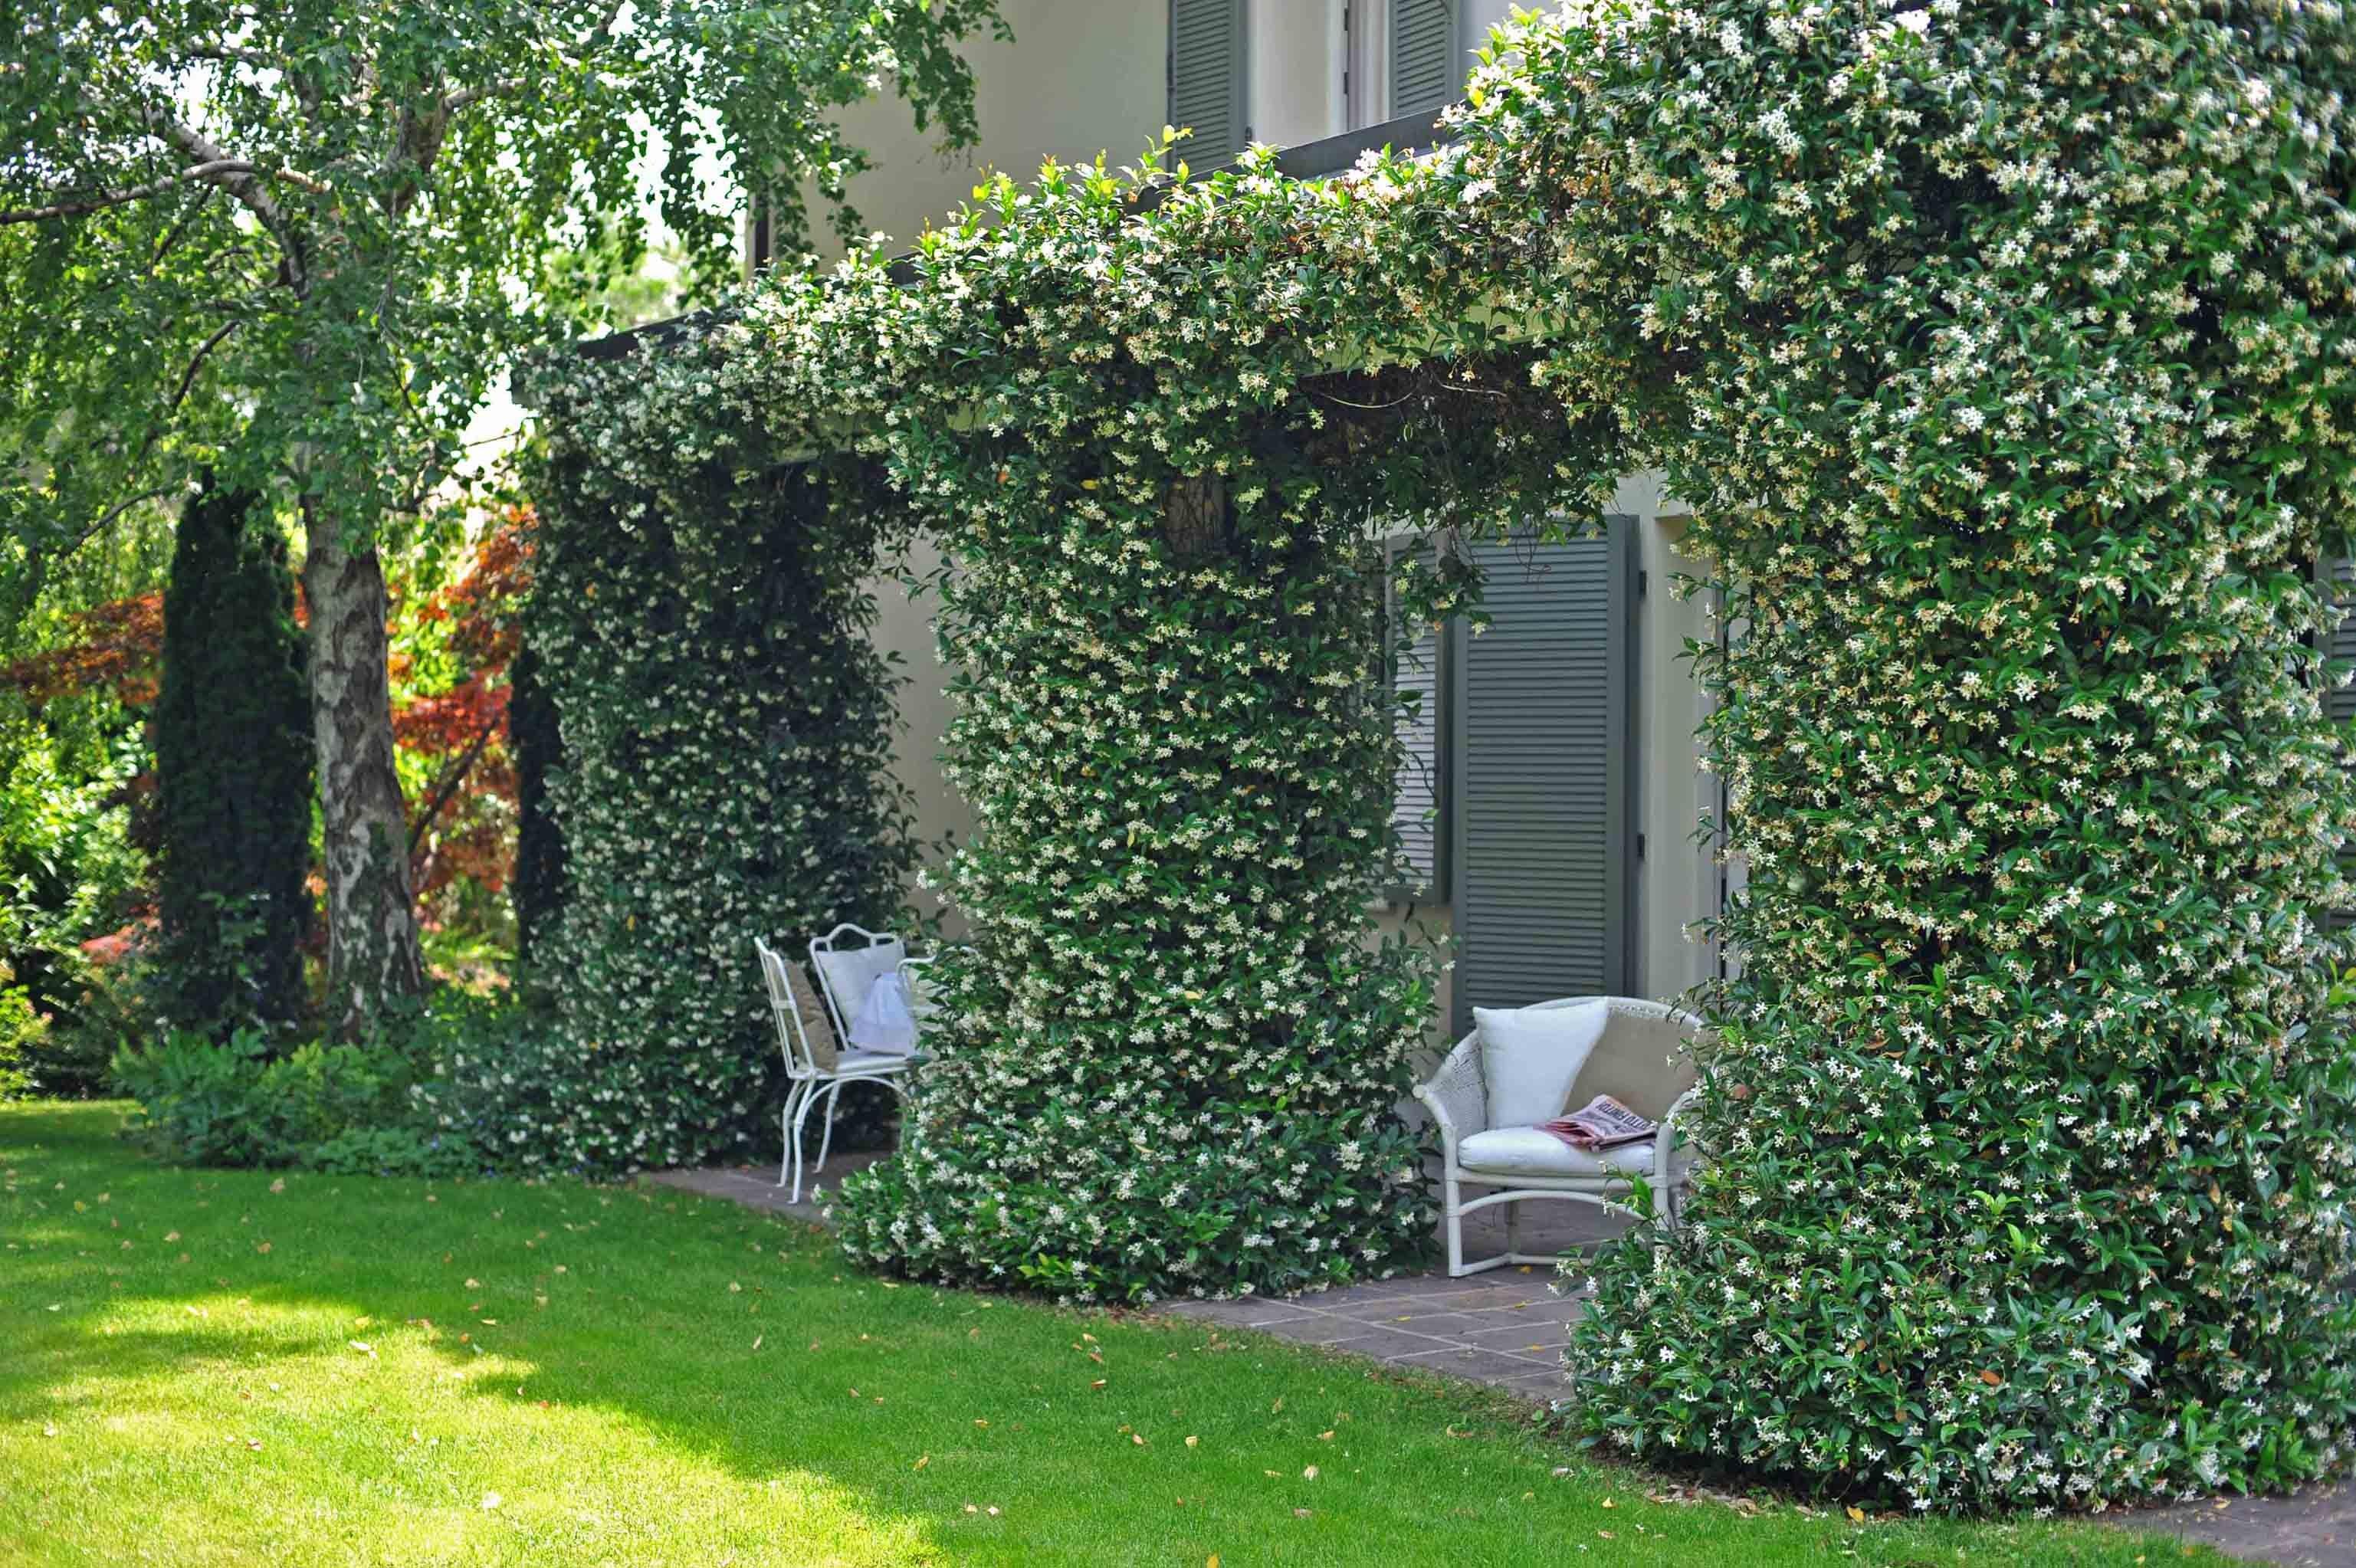 Giardini paghera dettagli di un piccolo giardino - Piccolo giardino ...